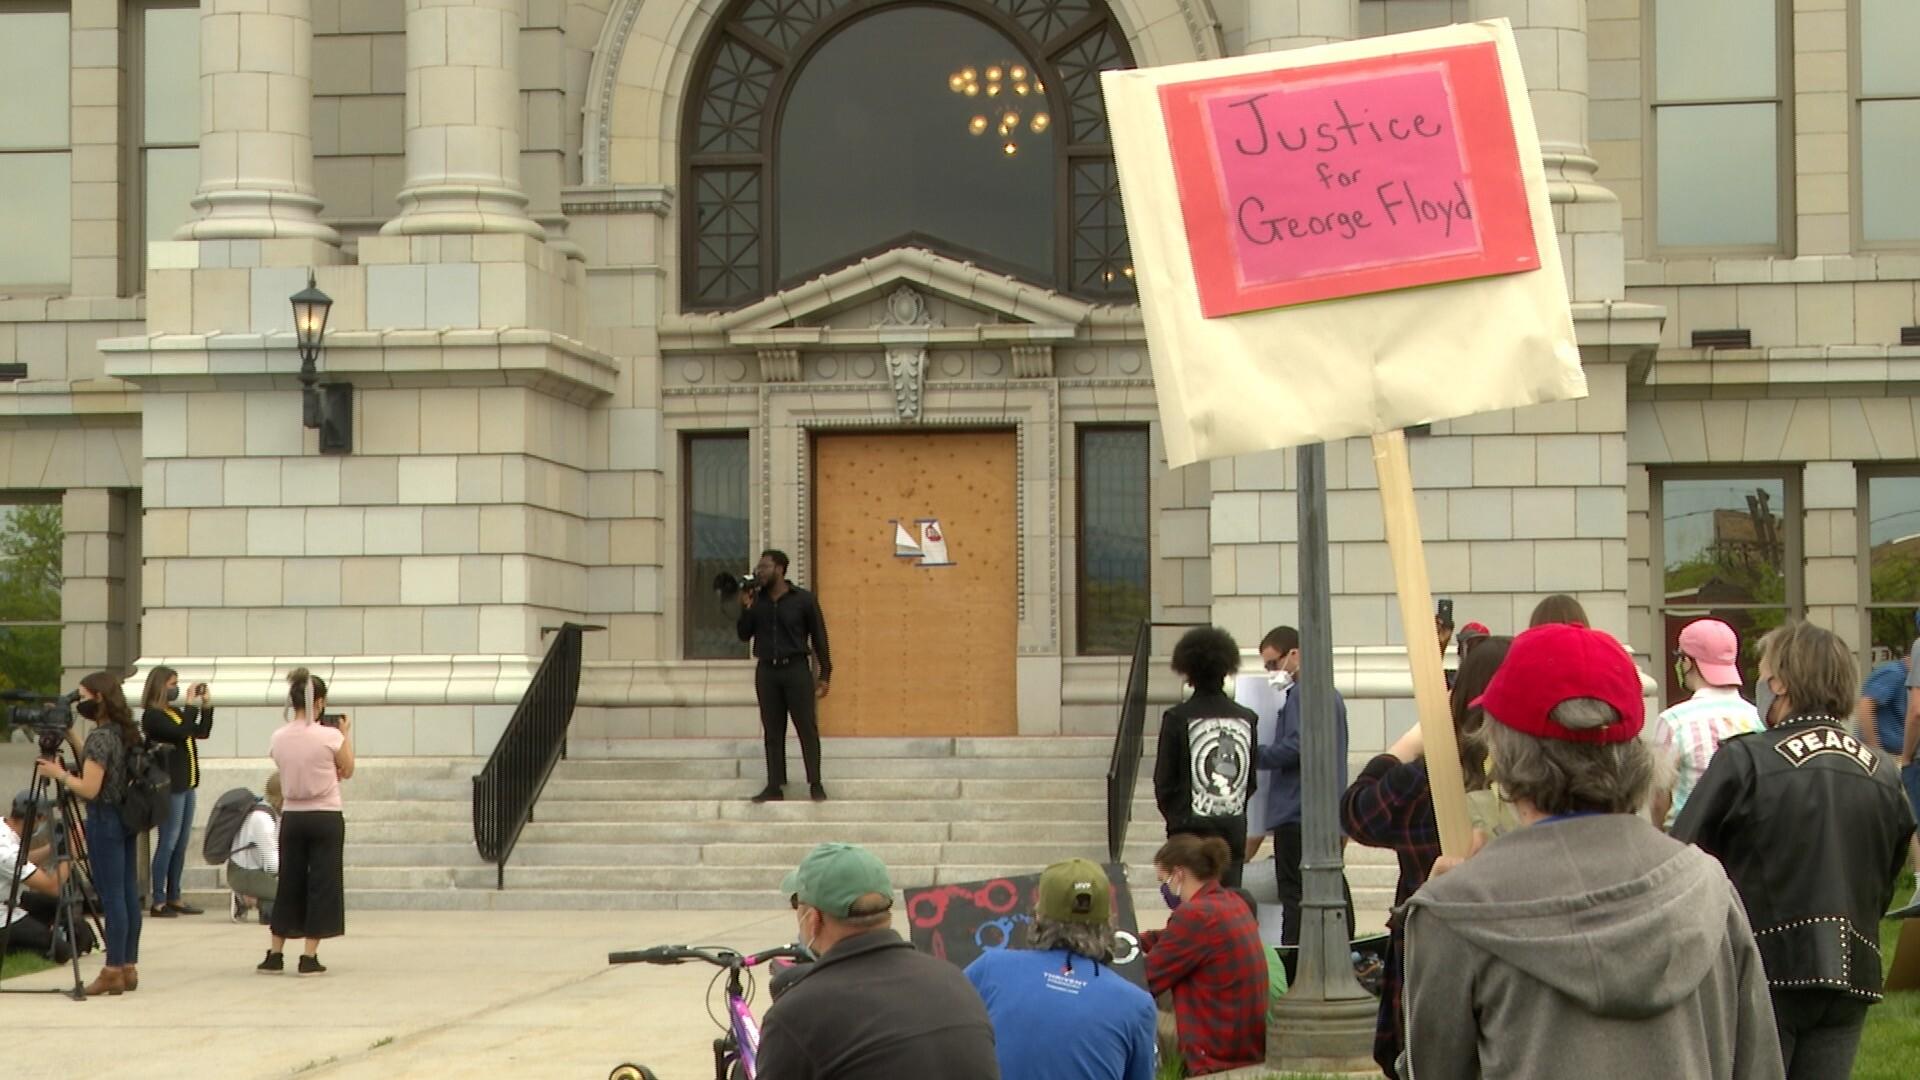 FLOYD PROTEST STILL.jpg